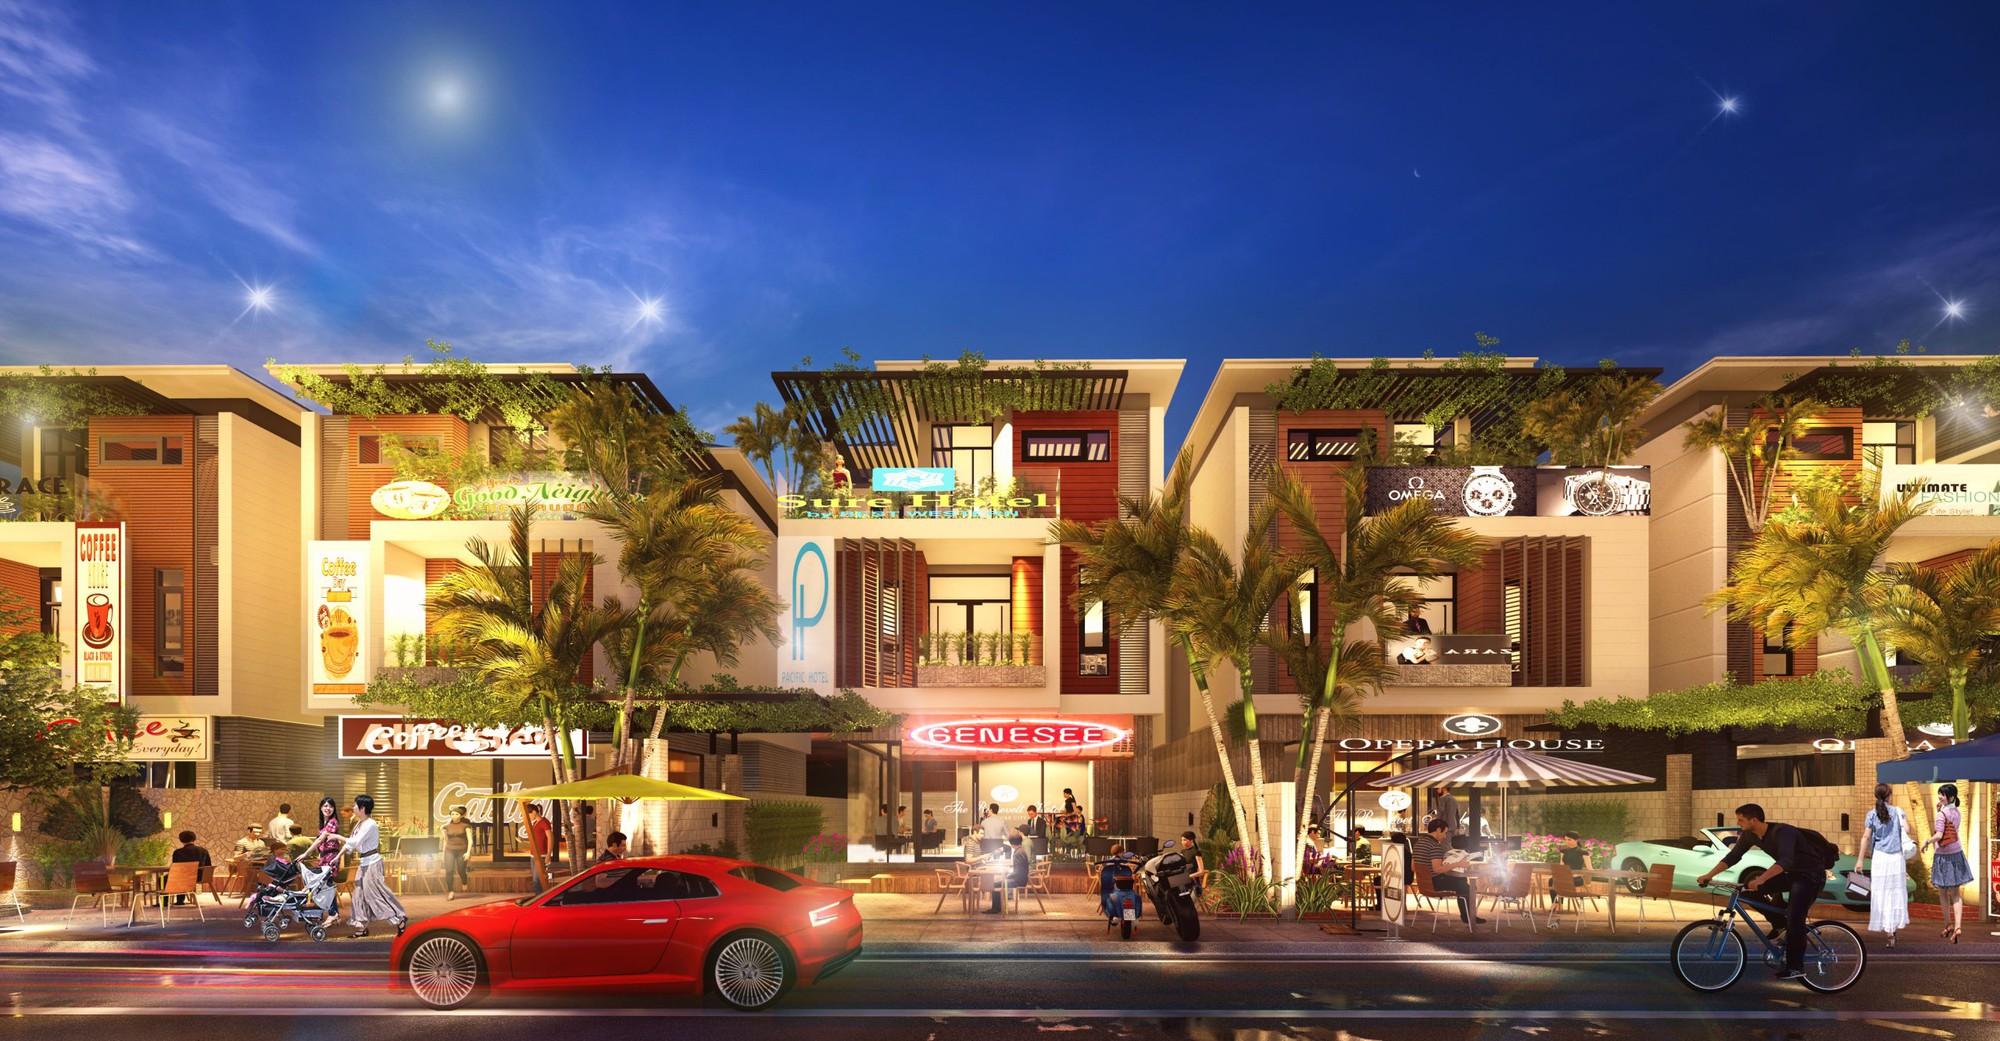 Khởi nguồn cảm xúc về một cuộc sống xanh ở Phú Mỹ Gold Villas – Điểm nhấn thị trường BĐS BR-VT - Ảnh 11.